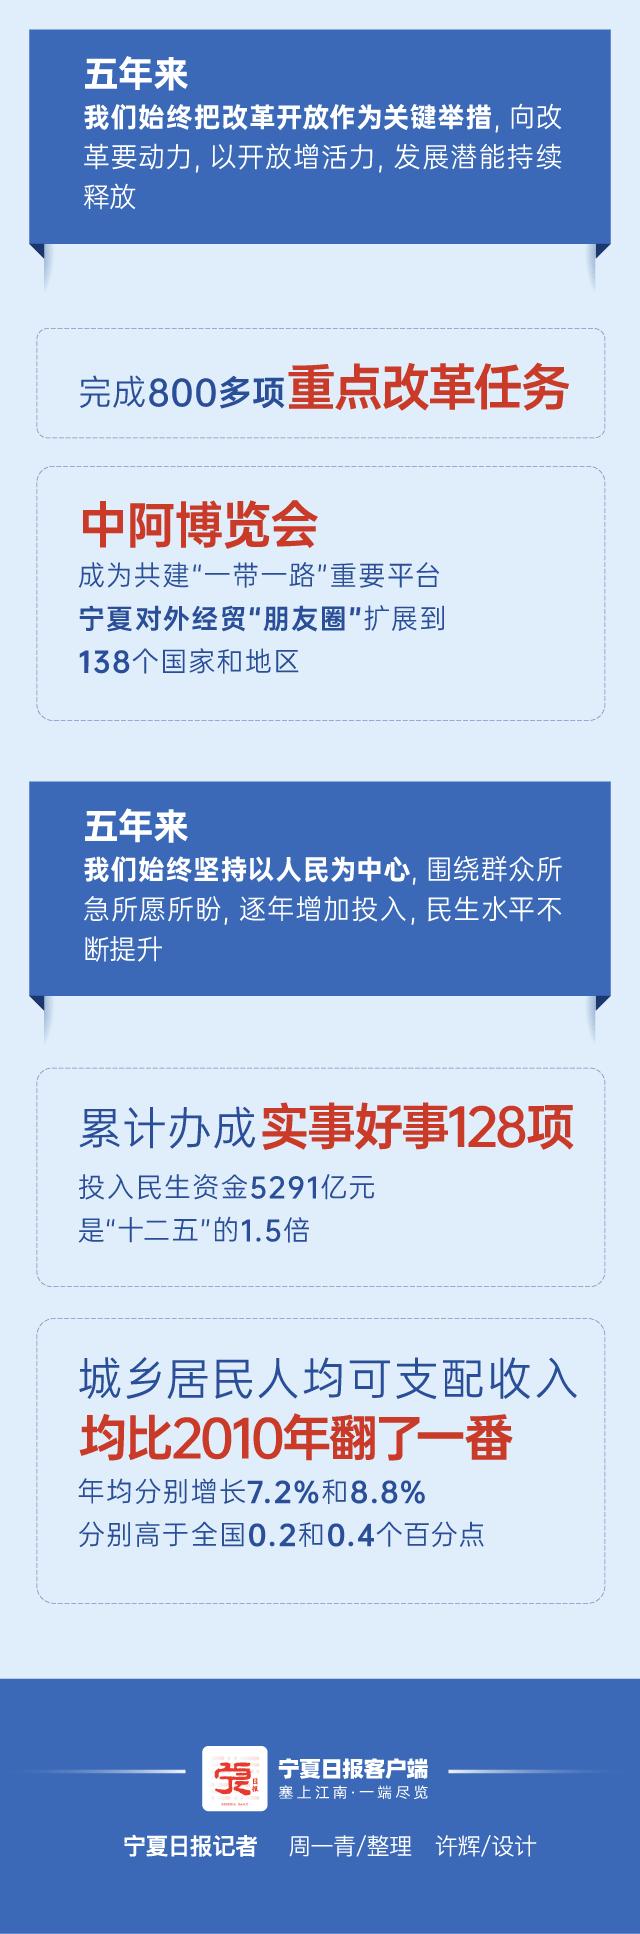 微信图片_20210201174627.png